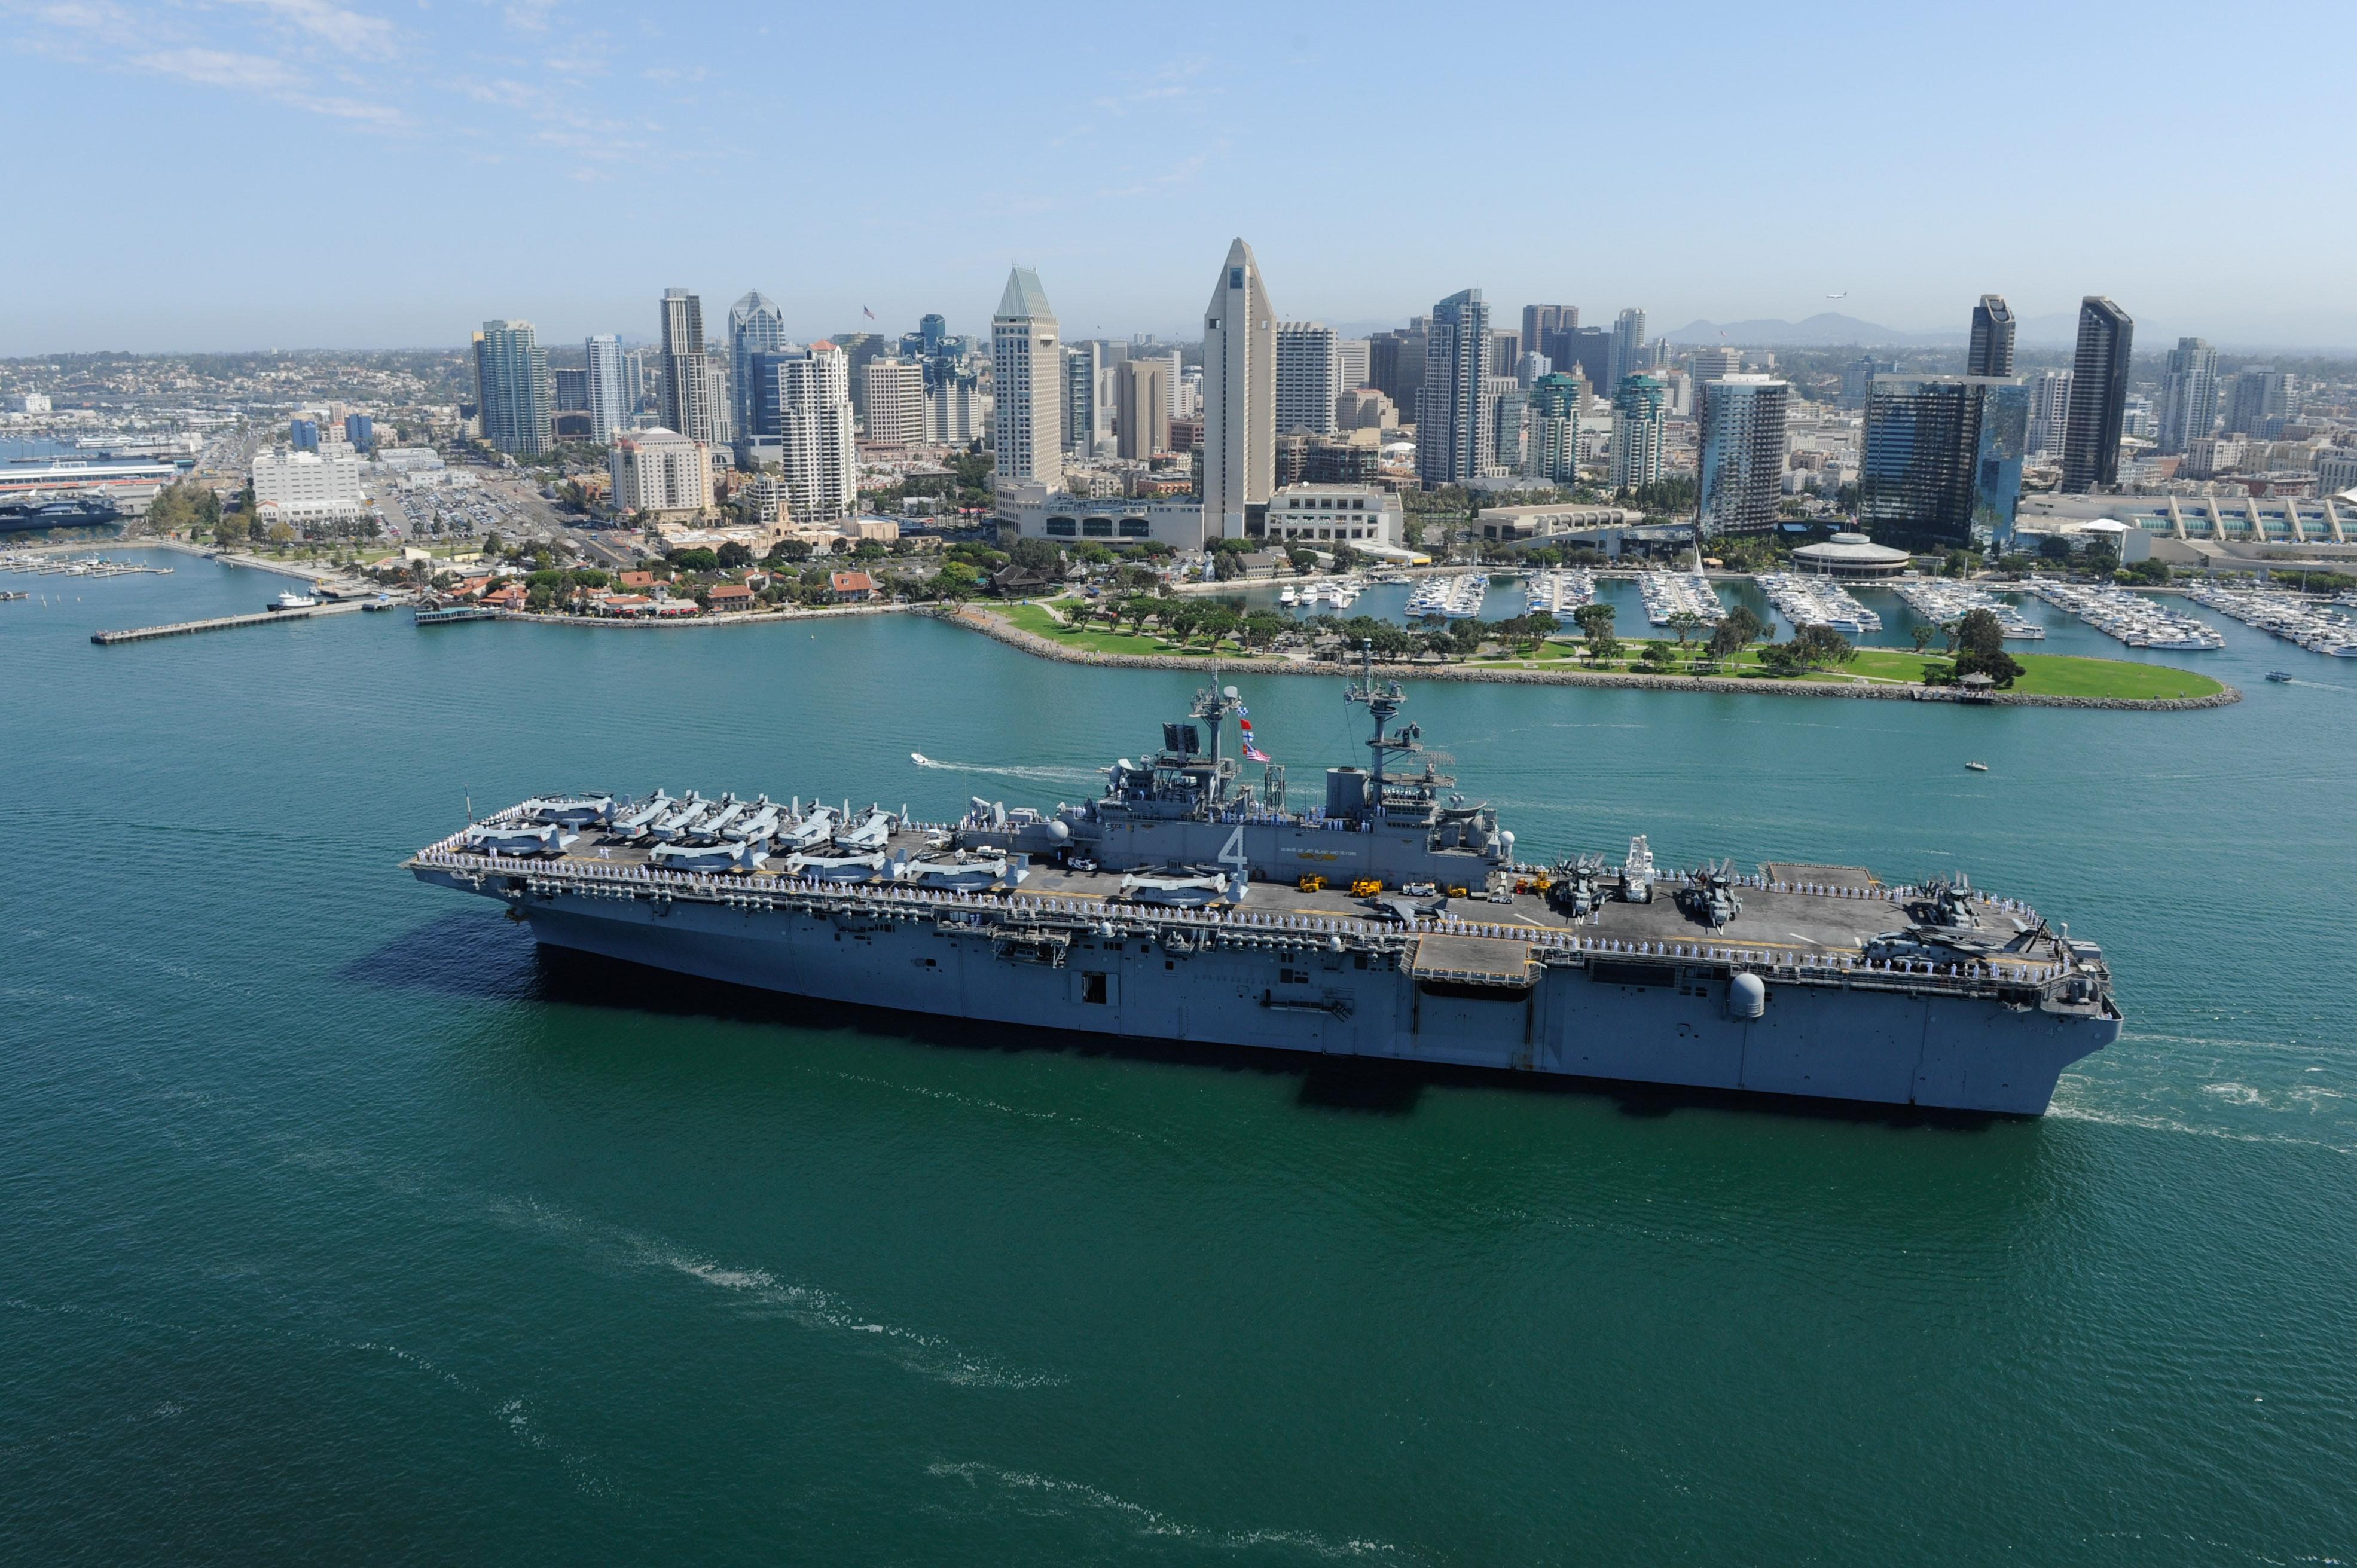 USS BOXER LHD-4 Auslaufen San Diego 23.08.2013Bild: U.S. Navy